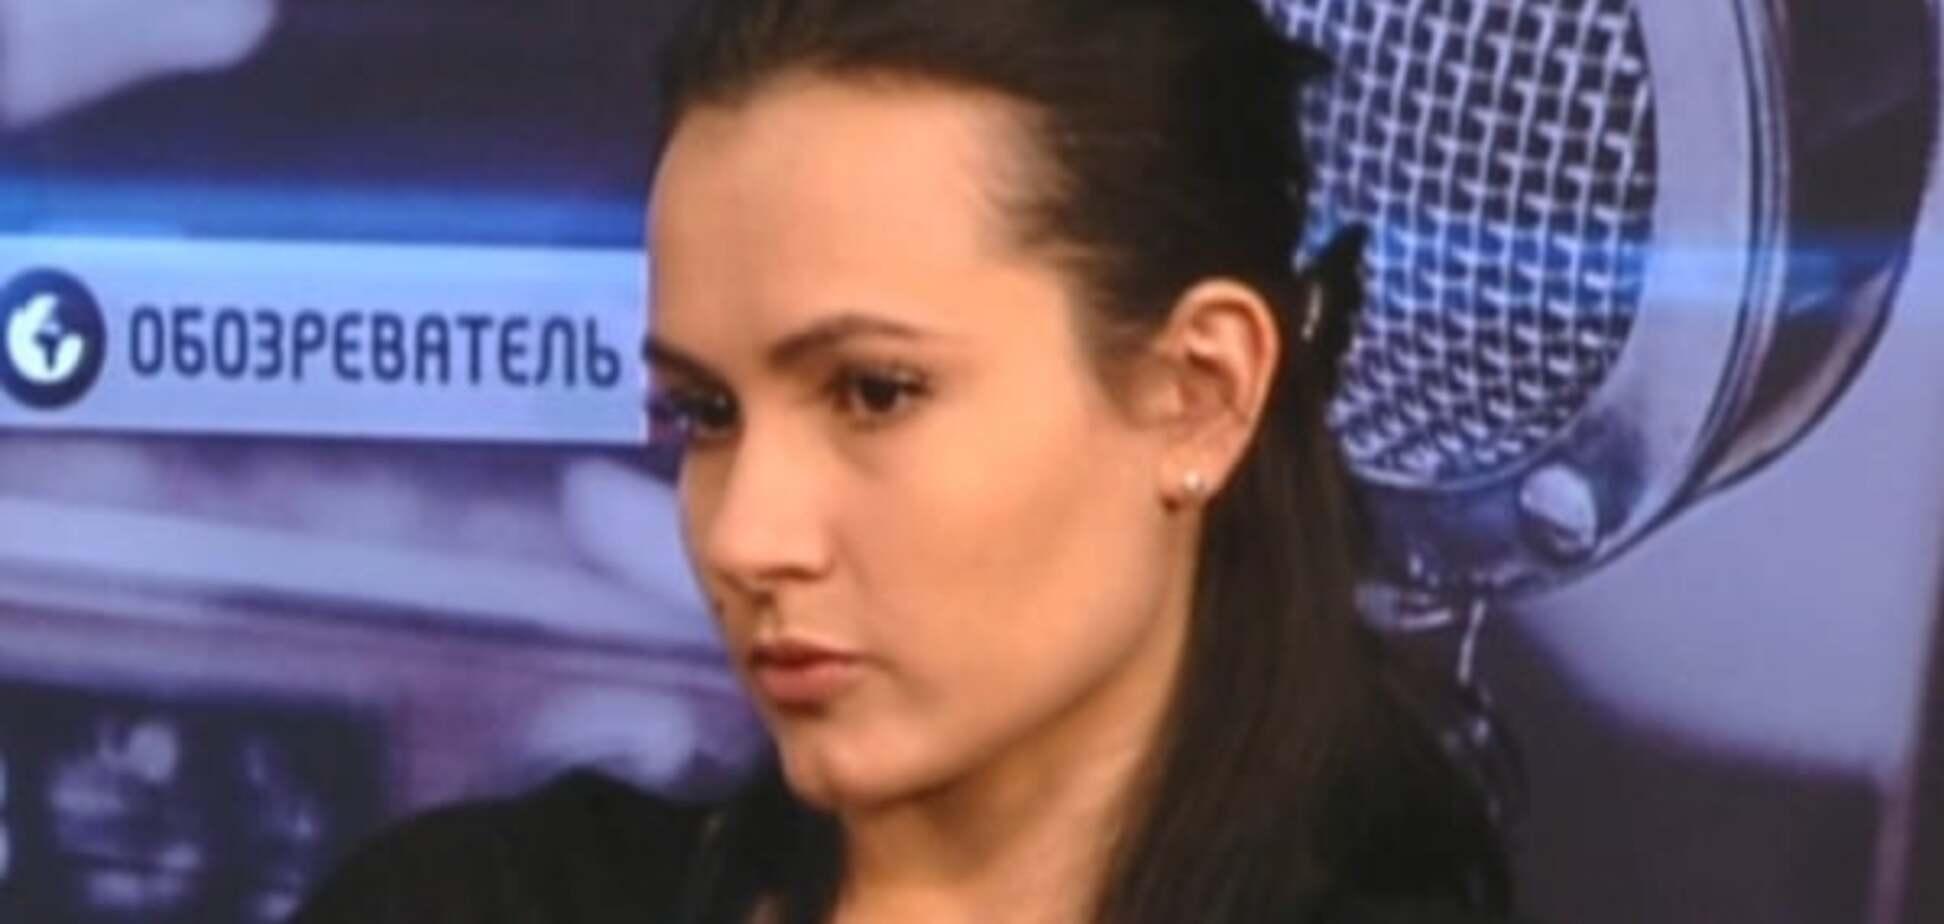 'Це просто дурість': знаменита гімнастка назвала винних у допінгу Шарапової